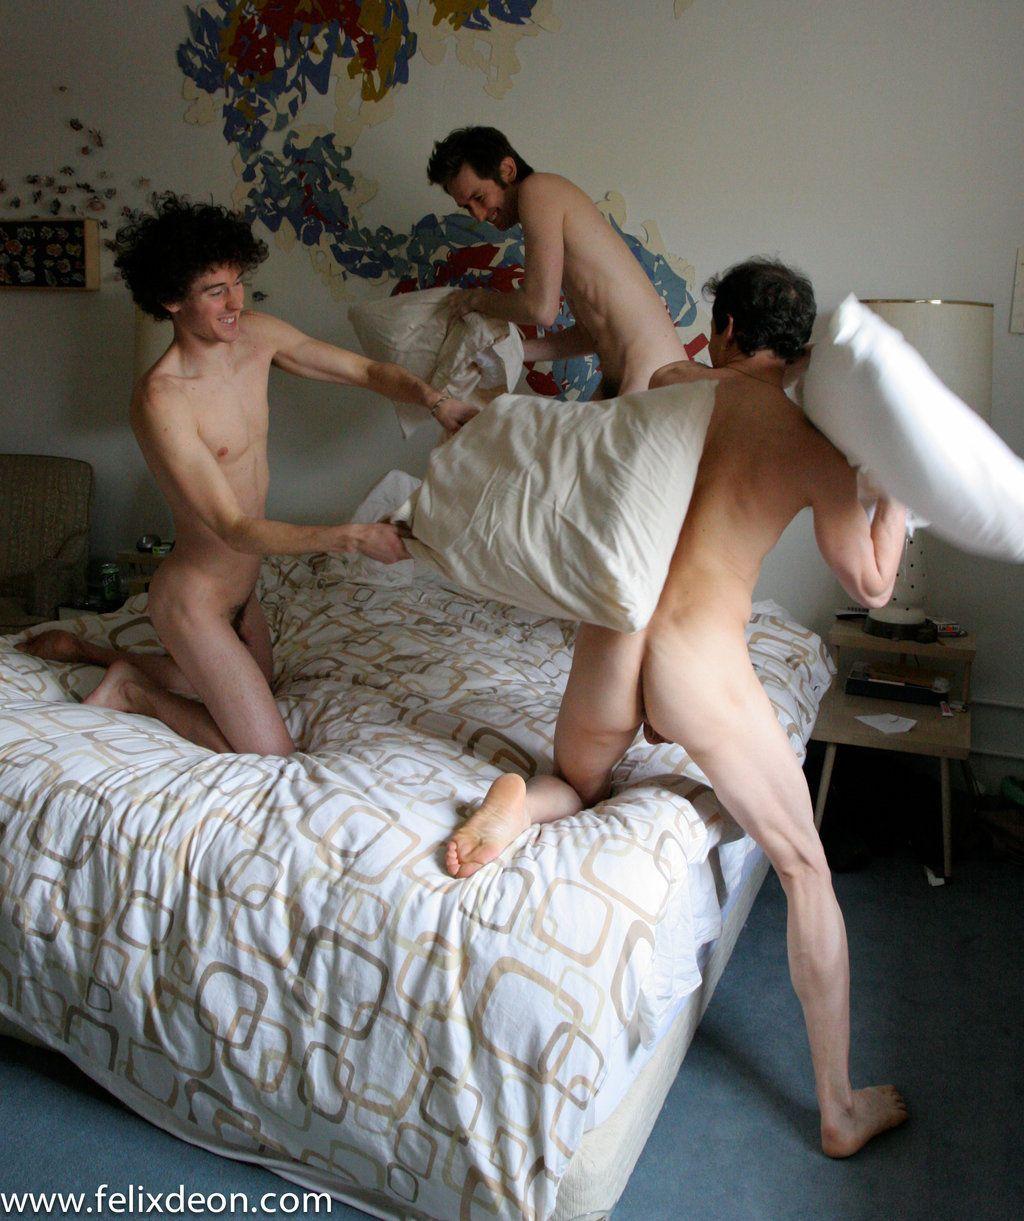 Nude boys fight #6